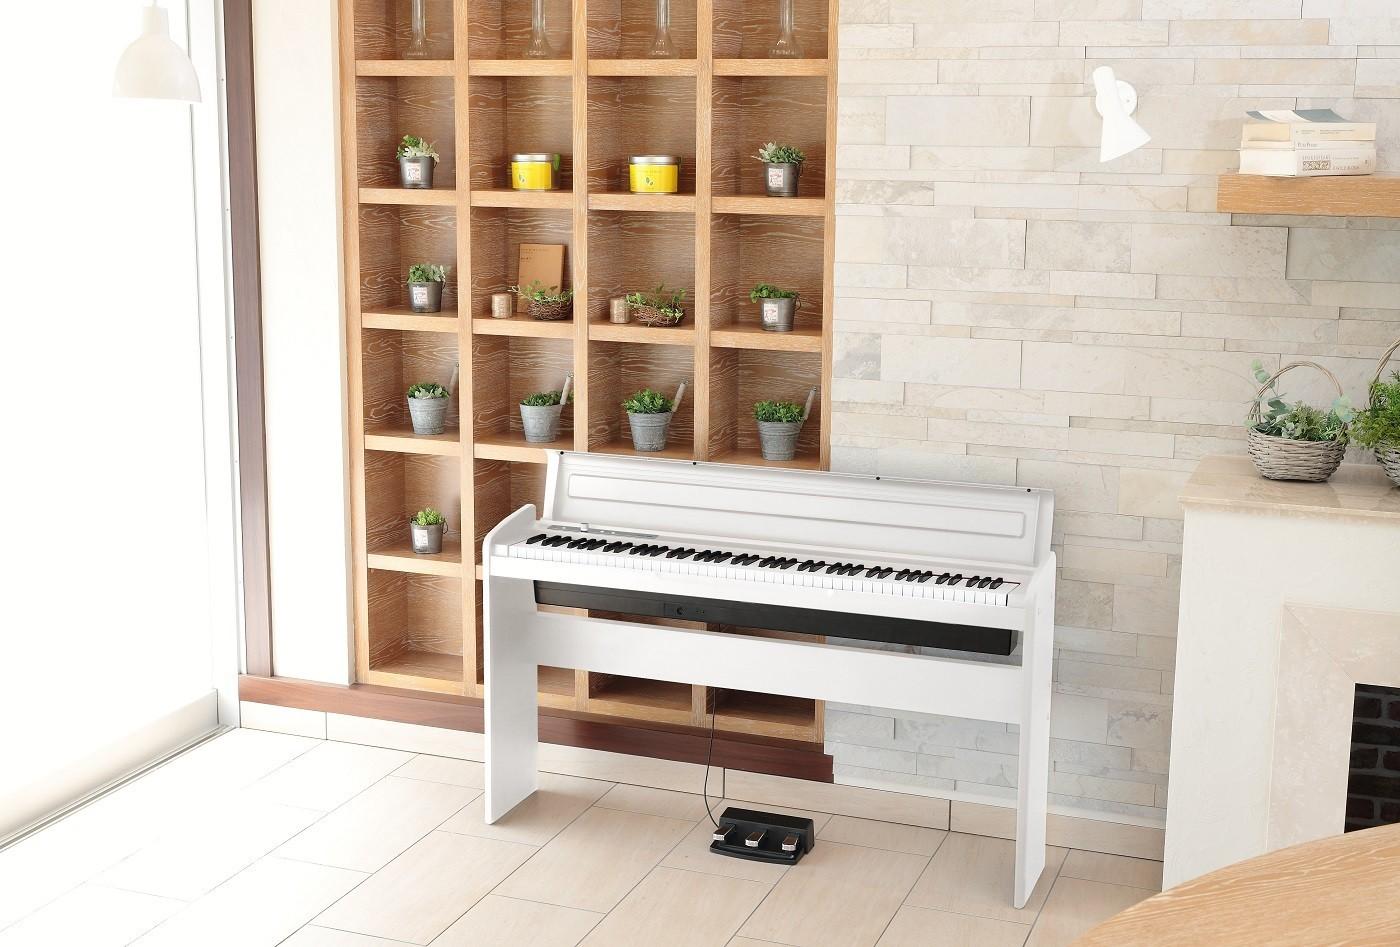 KORG LP-180 超美型電鋼琴